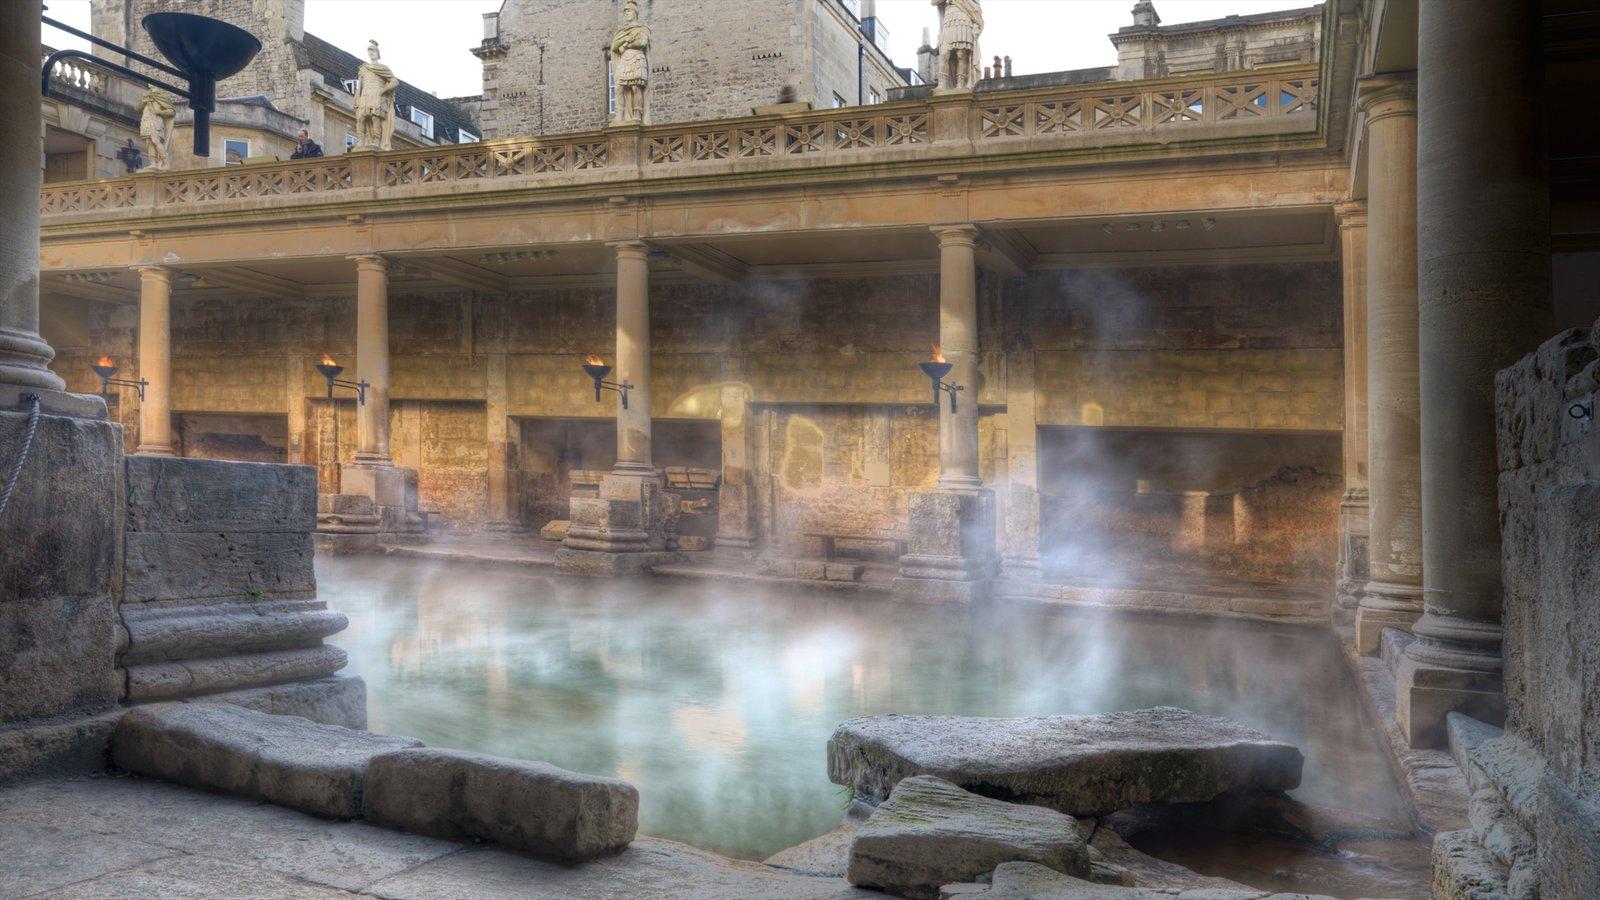 Banhos romanos mostrando uma igreja ou catedral, elementos de patrimônio e uma piscina